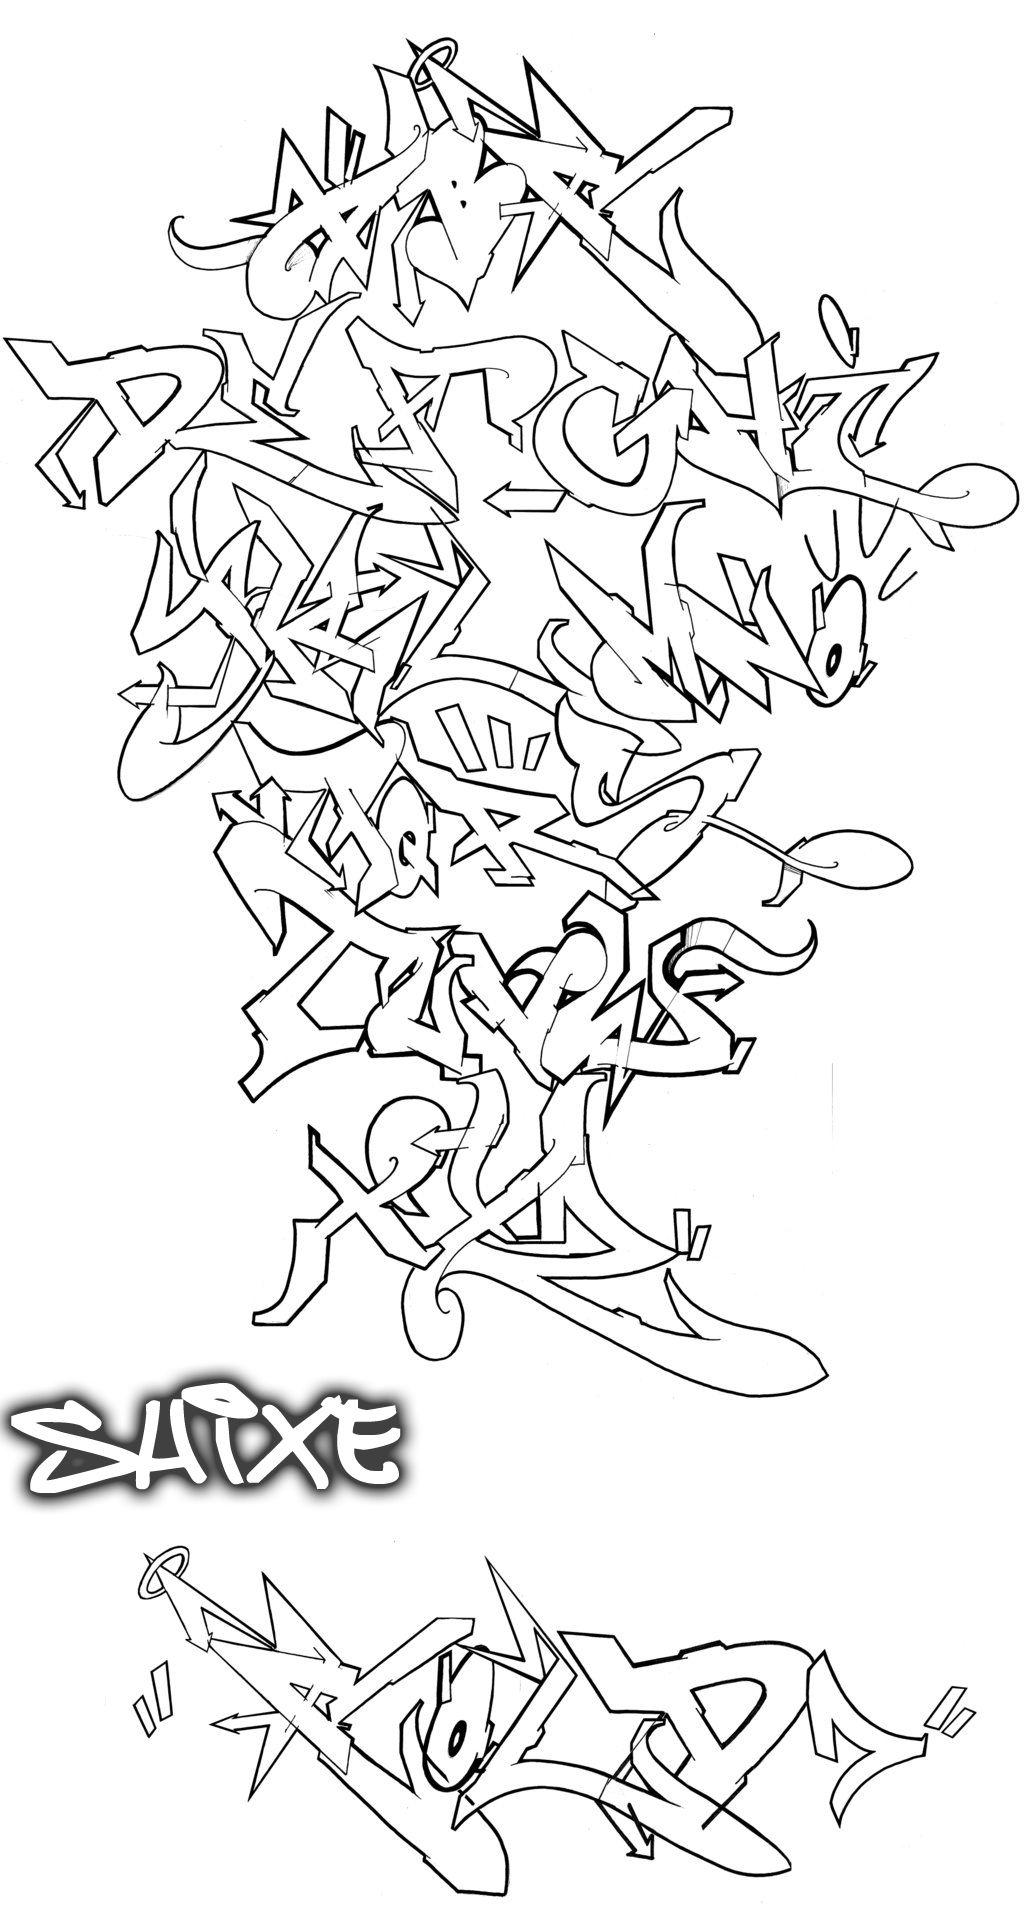 Pingl par vincent peralta sur insomnie graffiti lettrage graffiti et lettrage - Lettre graffiti modele ...